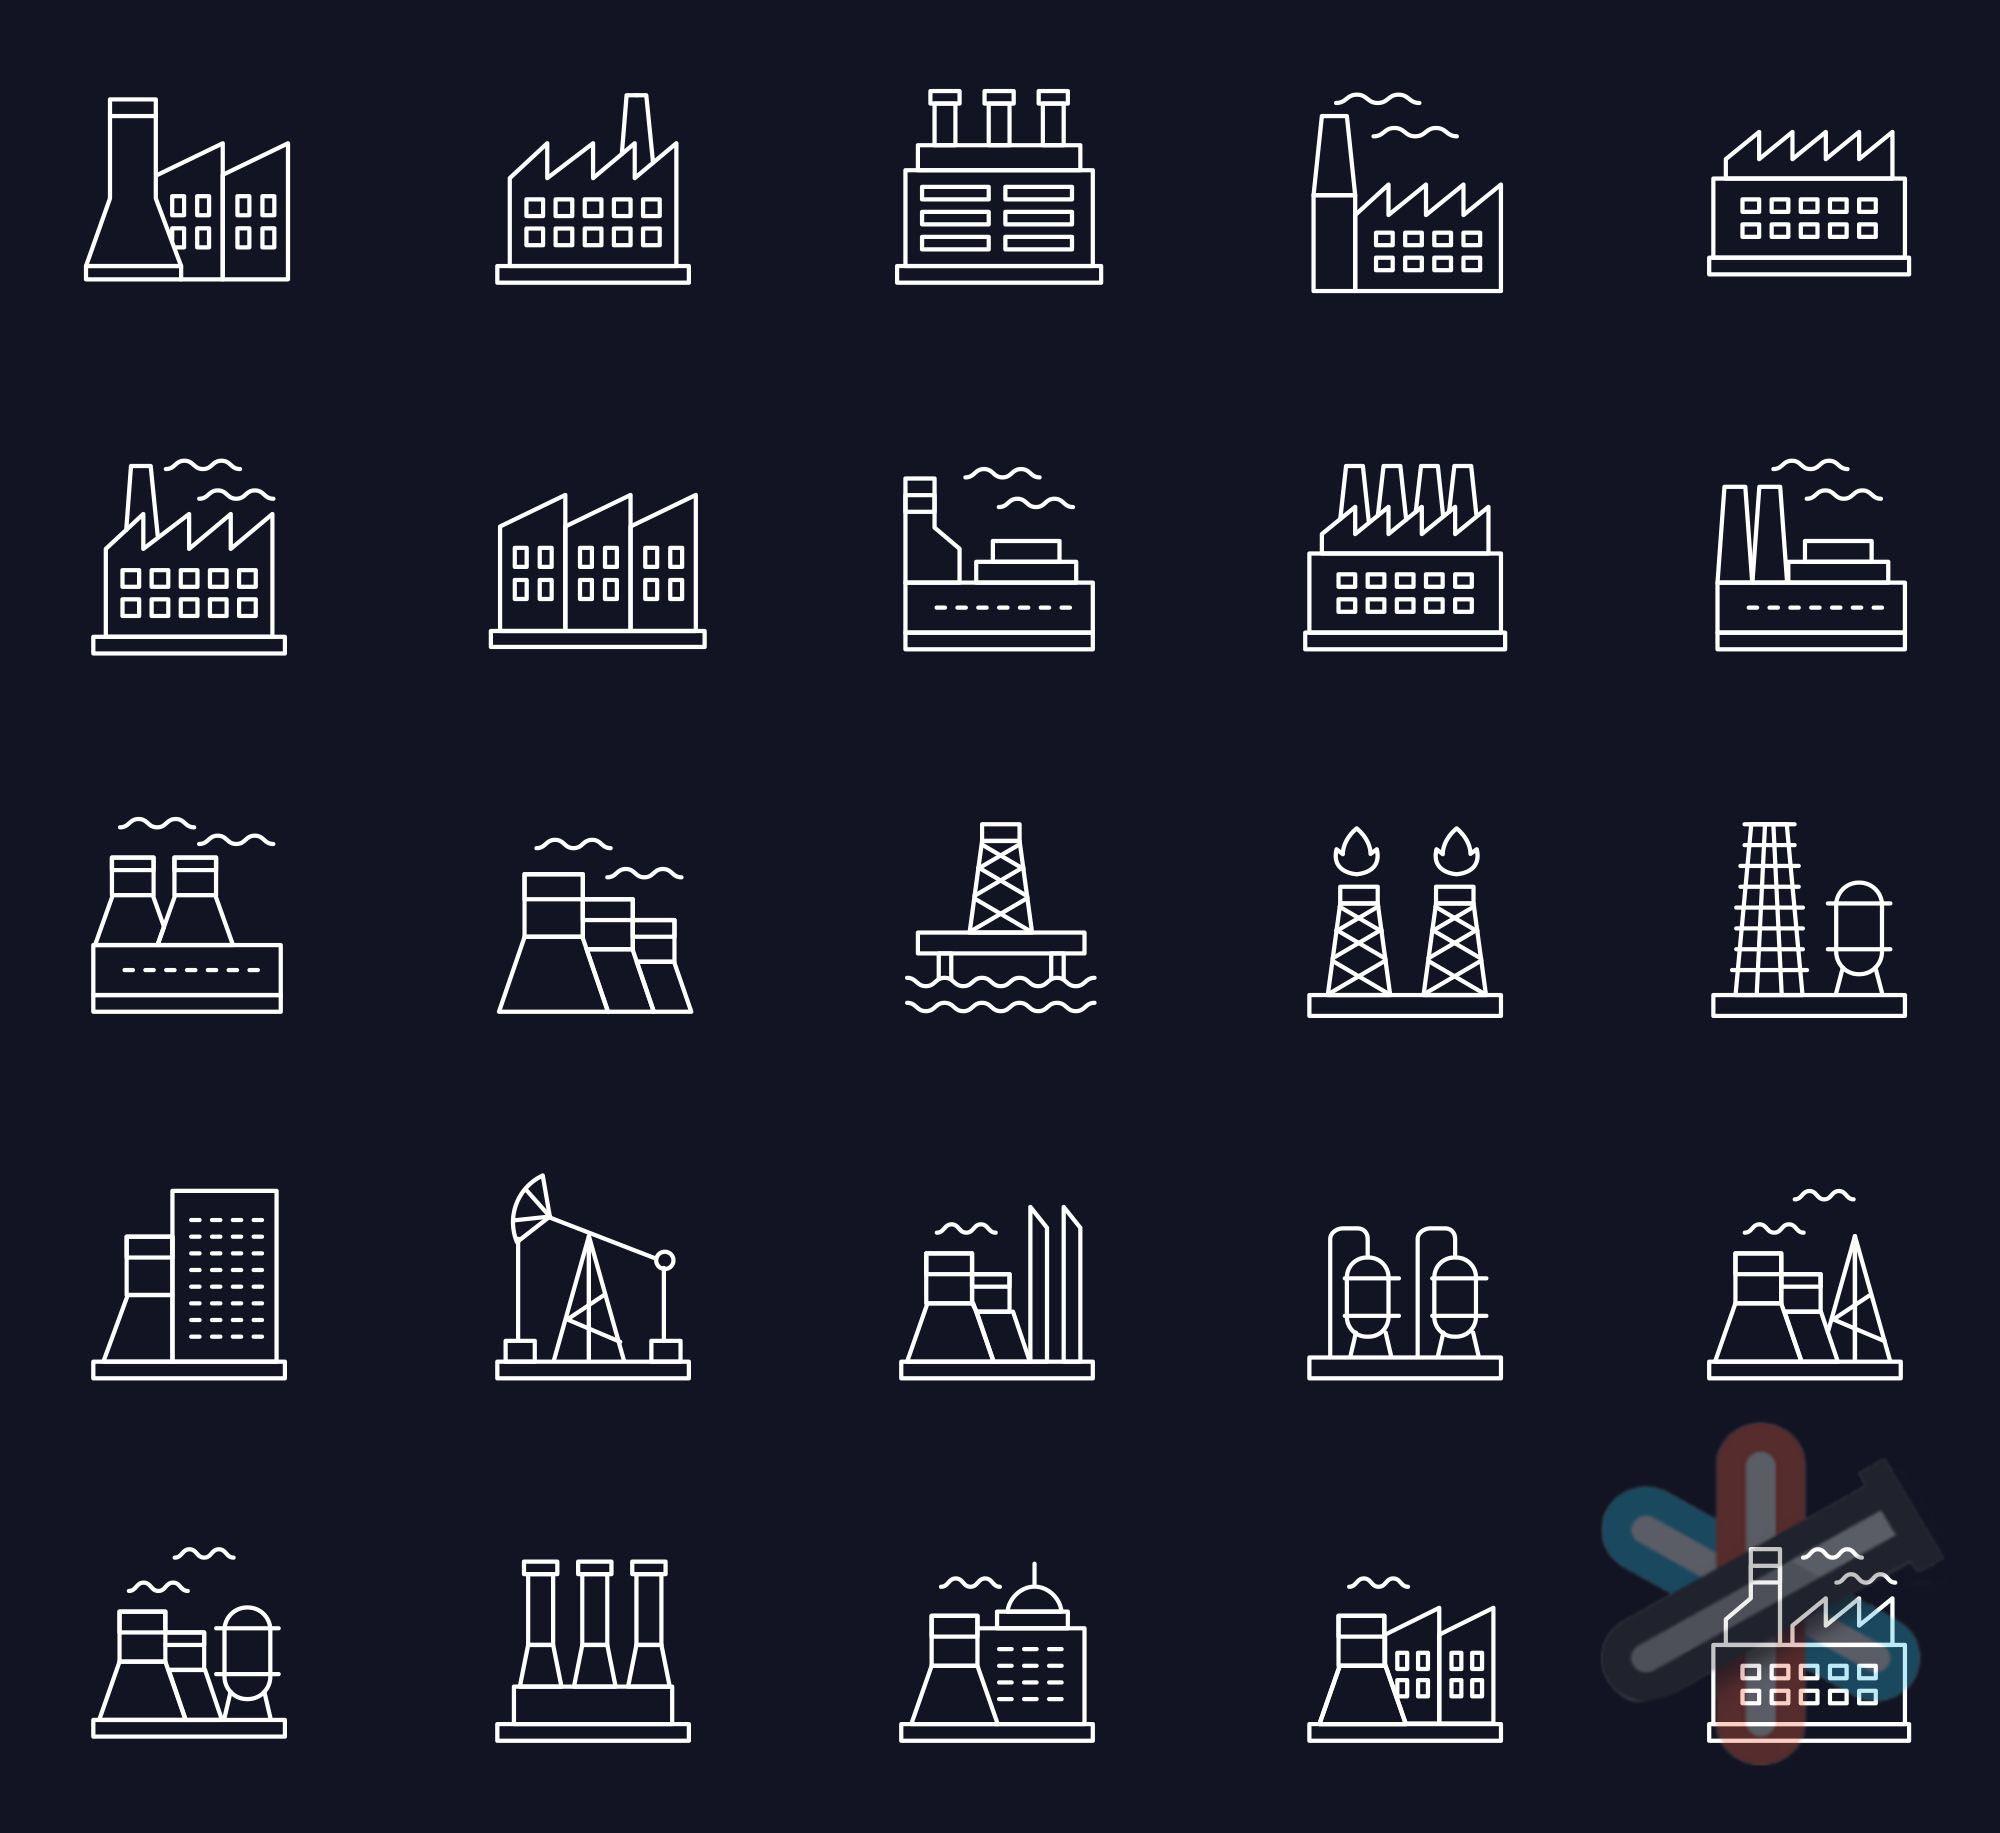 دانلود آیکون های صنعت و معدن برای Adobe Illustrator 1